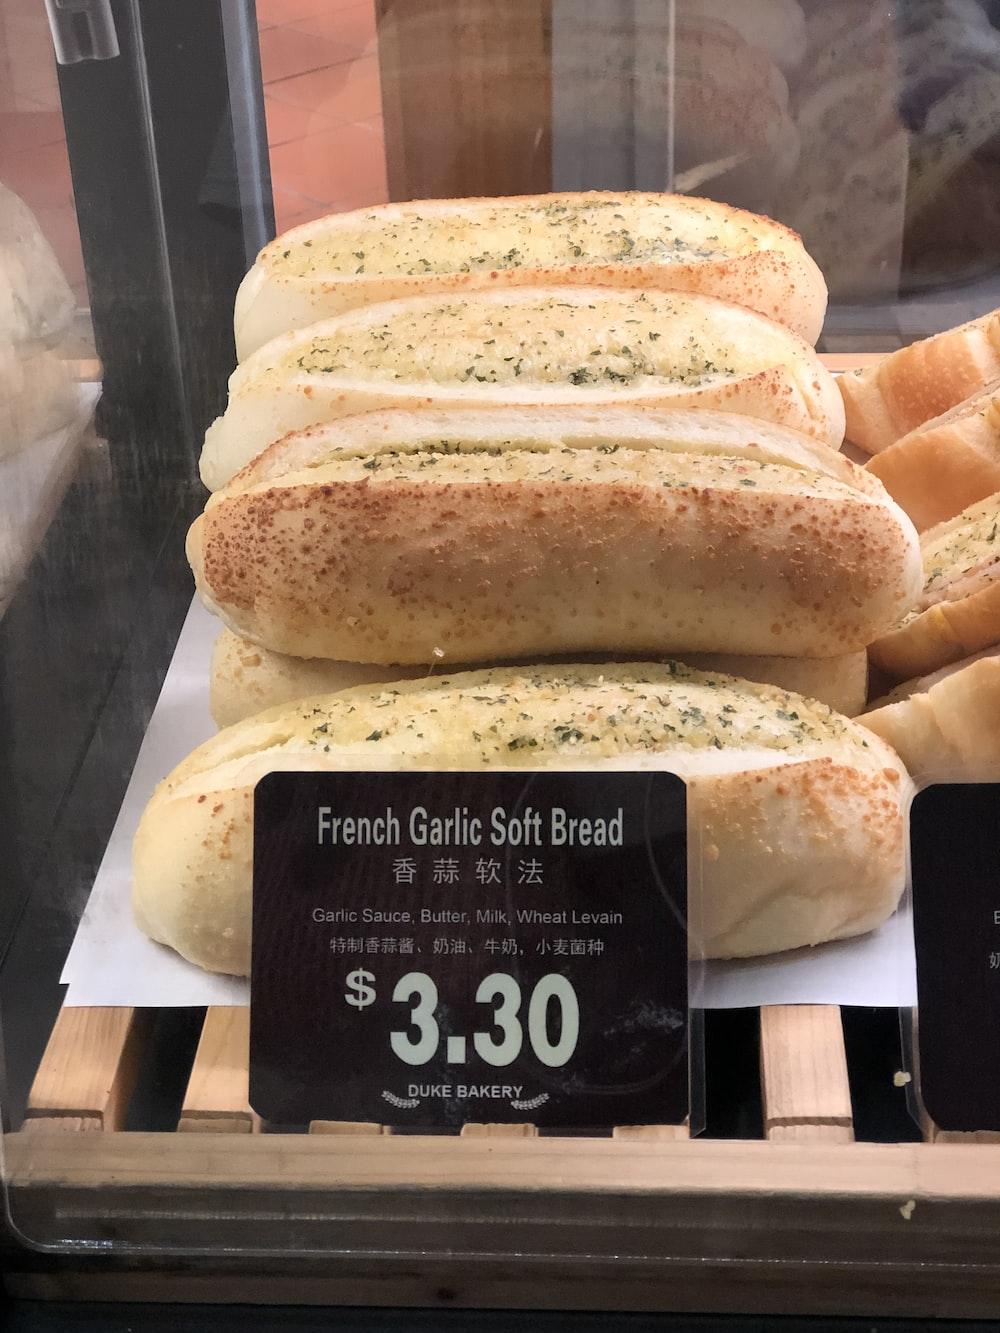 French garlic soft bread